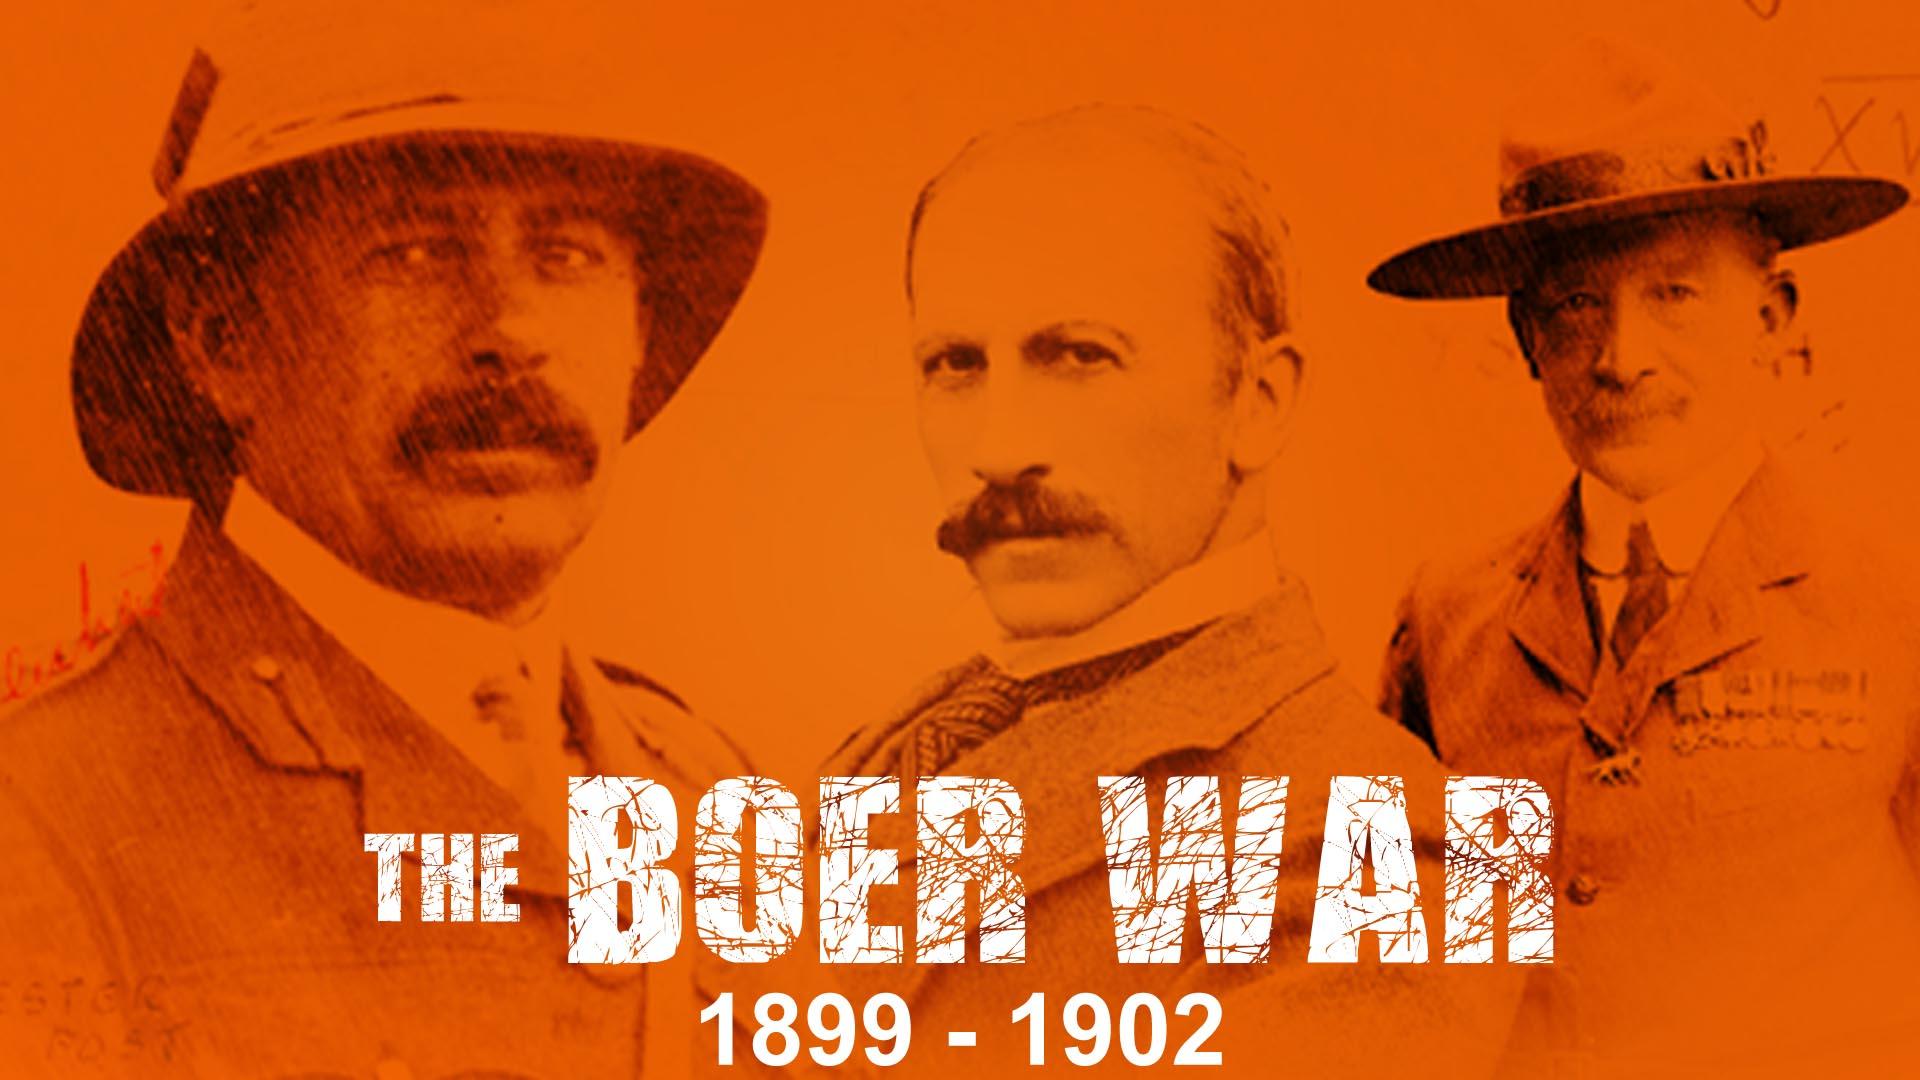 The Boer War: 1899-1902